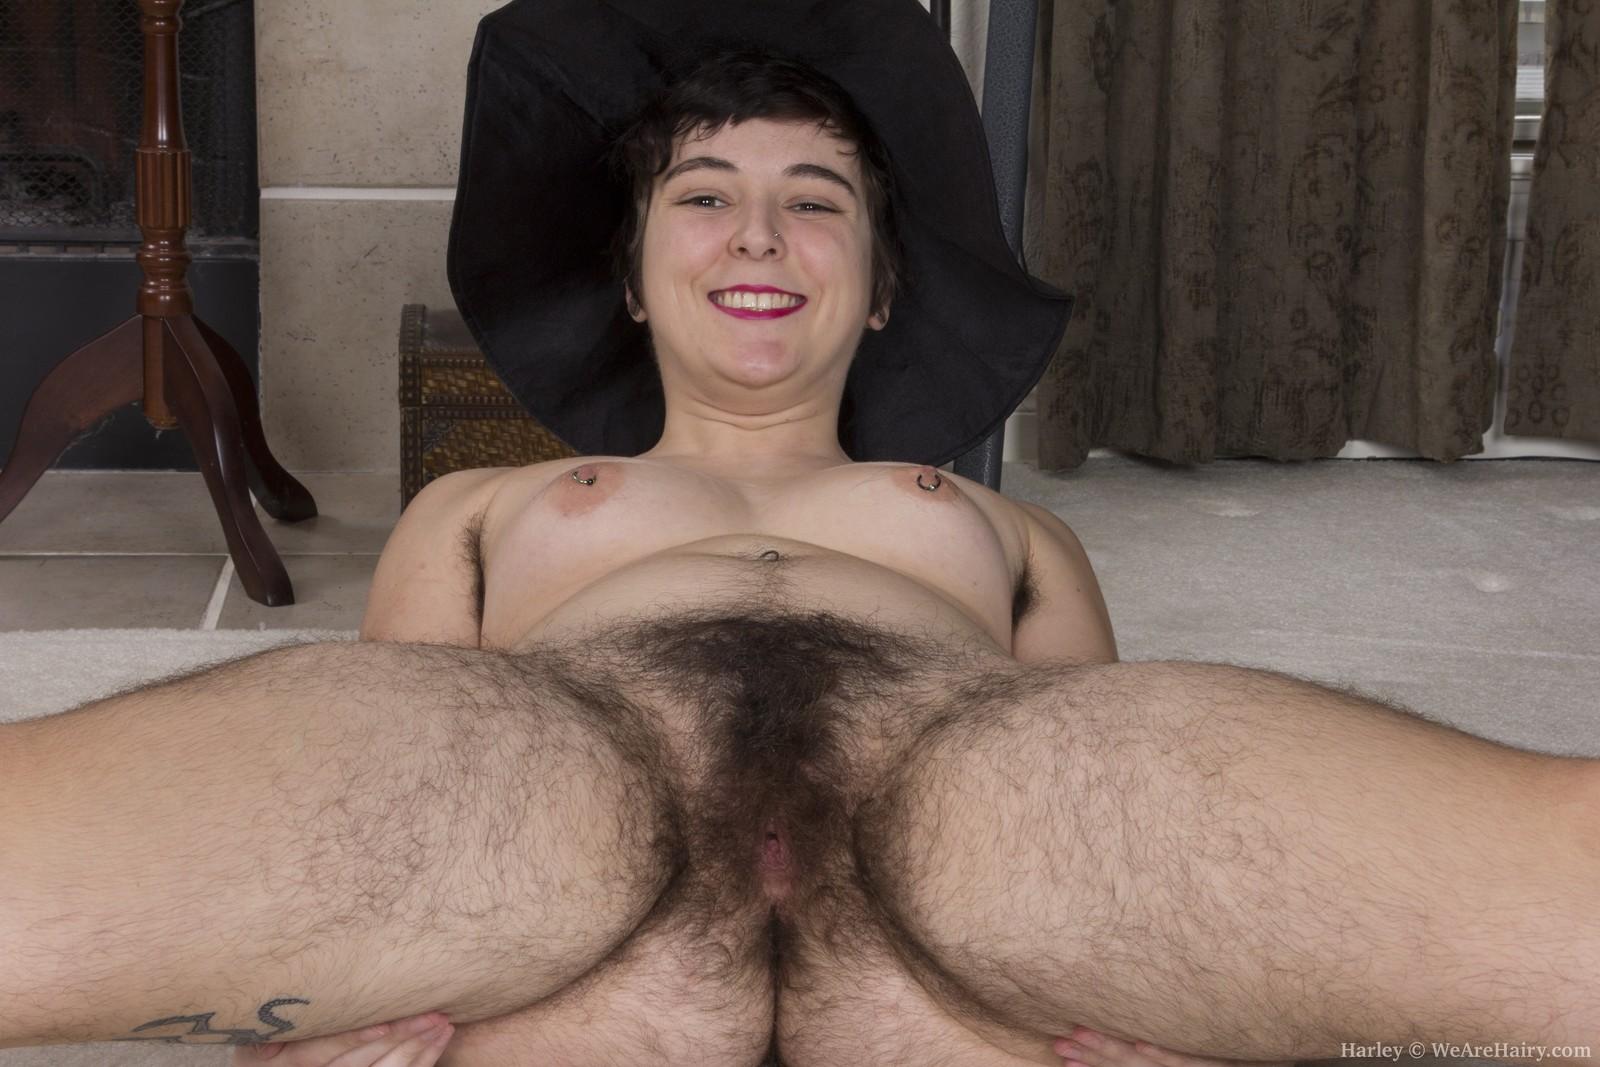 Фото самых страшных голых женщин в мире, Голые некрасивые женщины и девушки фото 9 фотография